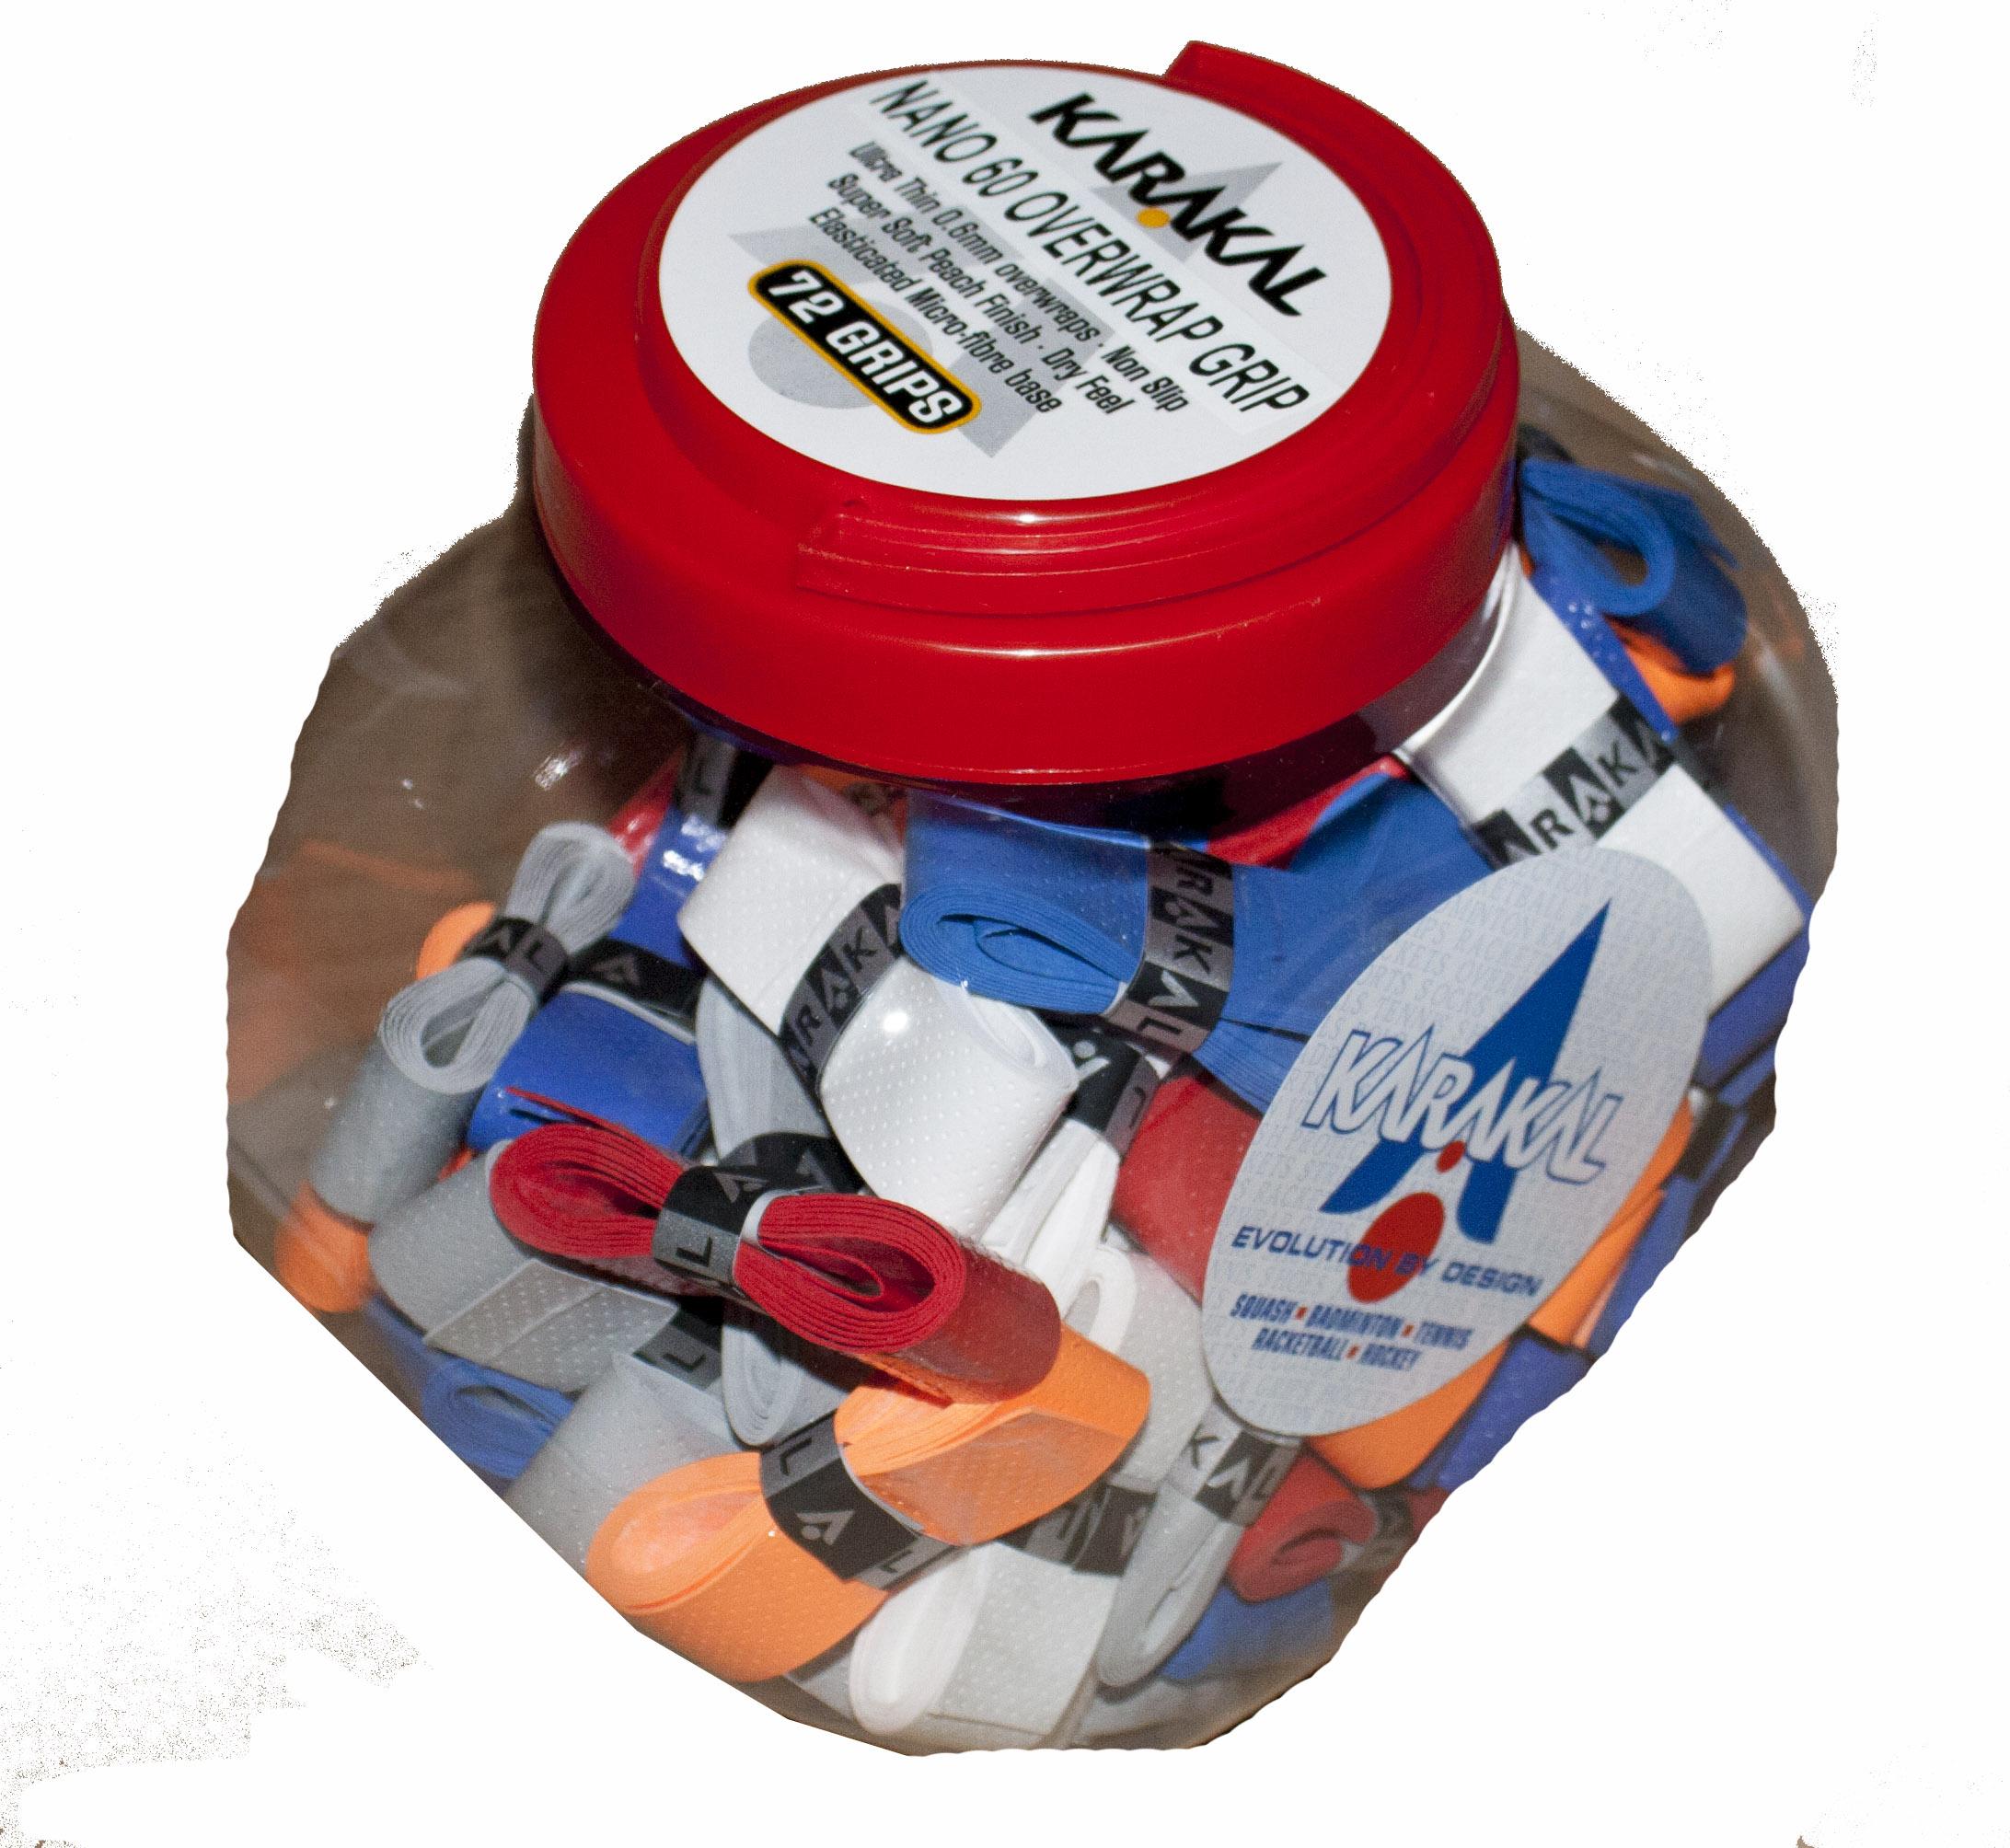 Un bon sur grip, il se met par dessus un grip par exemple, plus fin et sans colle. Sur-Grips nano 60 KArakal.